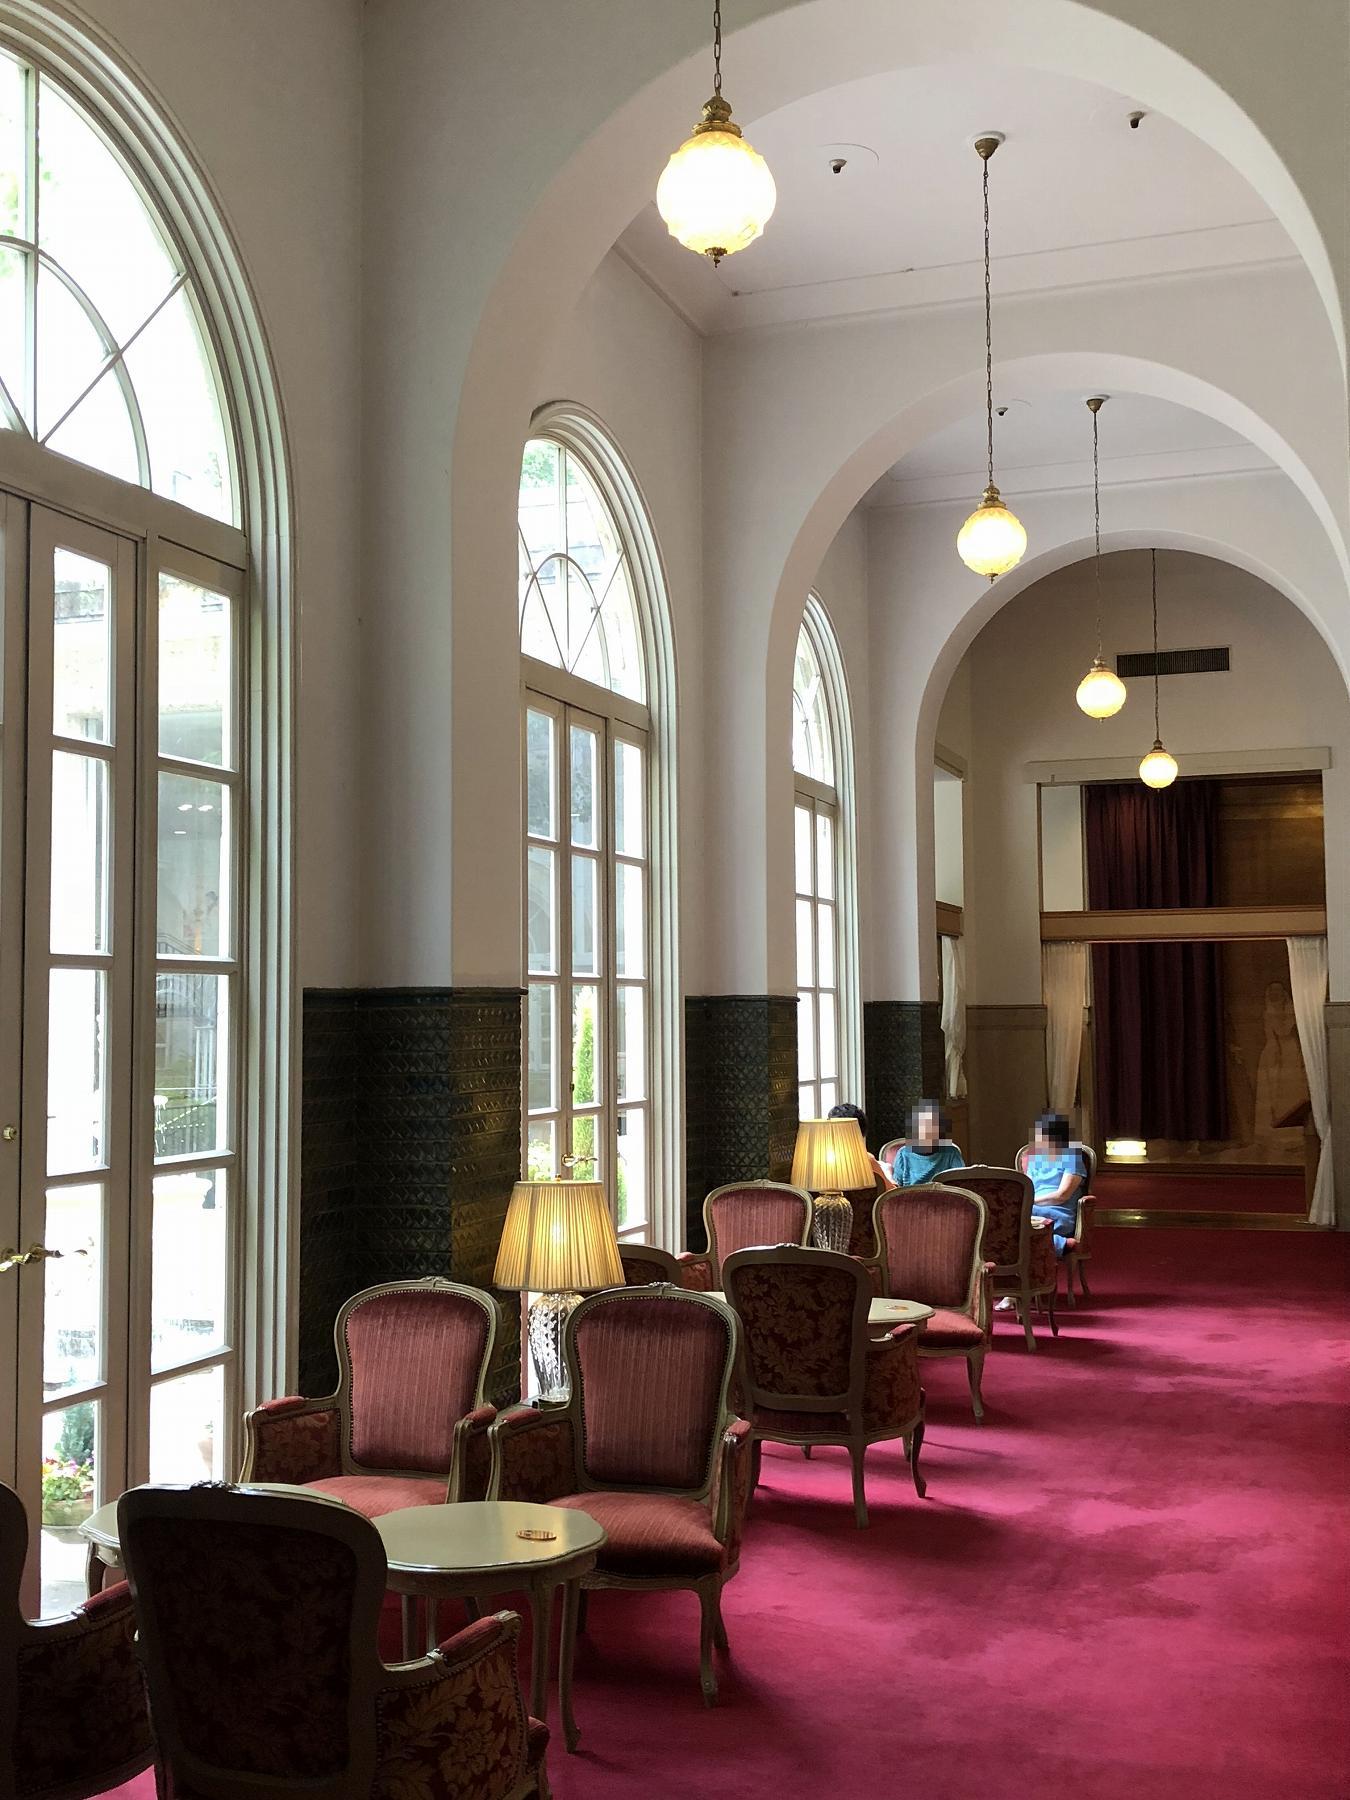 阪神間モダニズムを代表する「宝塚ホテル」の優雅な建築をご紹介します! #宝塚ホテル #阪神間モダニズム #近代建築  #宝塚市